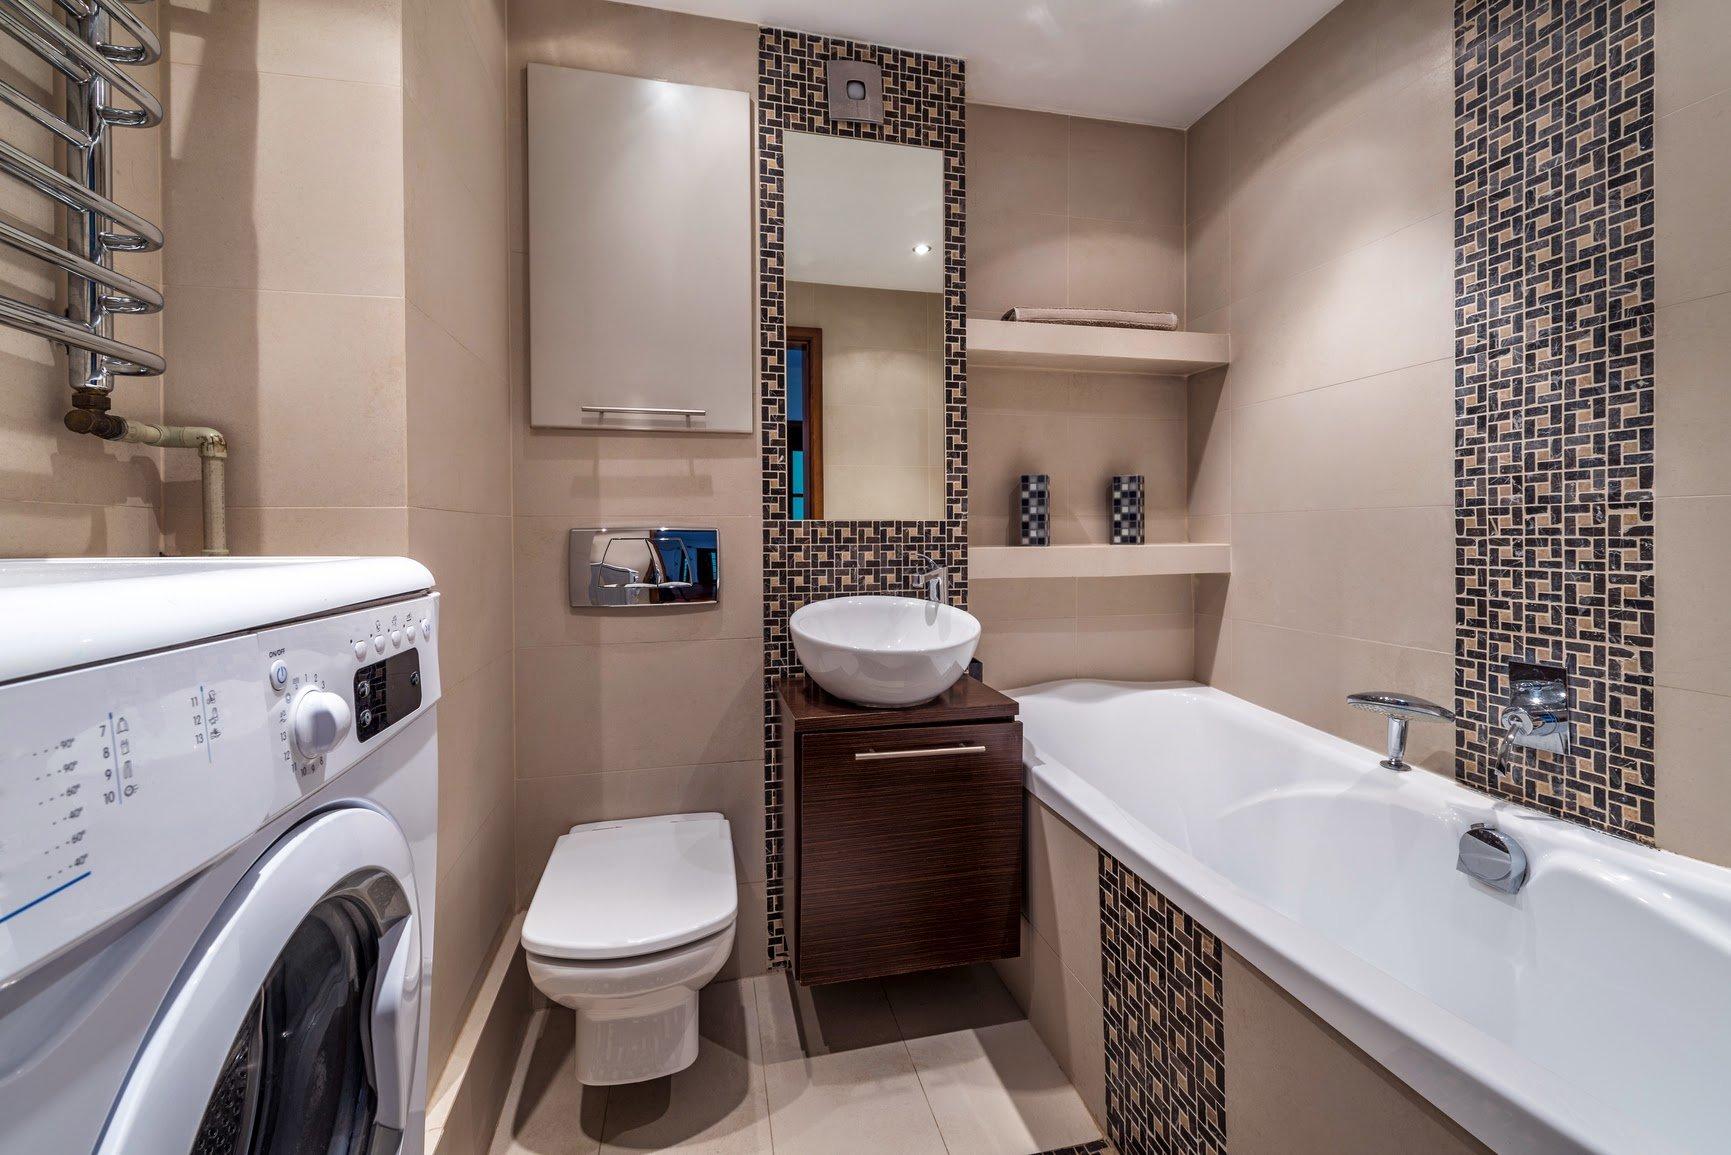 Дизайн ванной комнаты без туалета фото 2018 современные идеи 3 кв.м